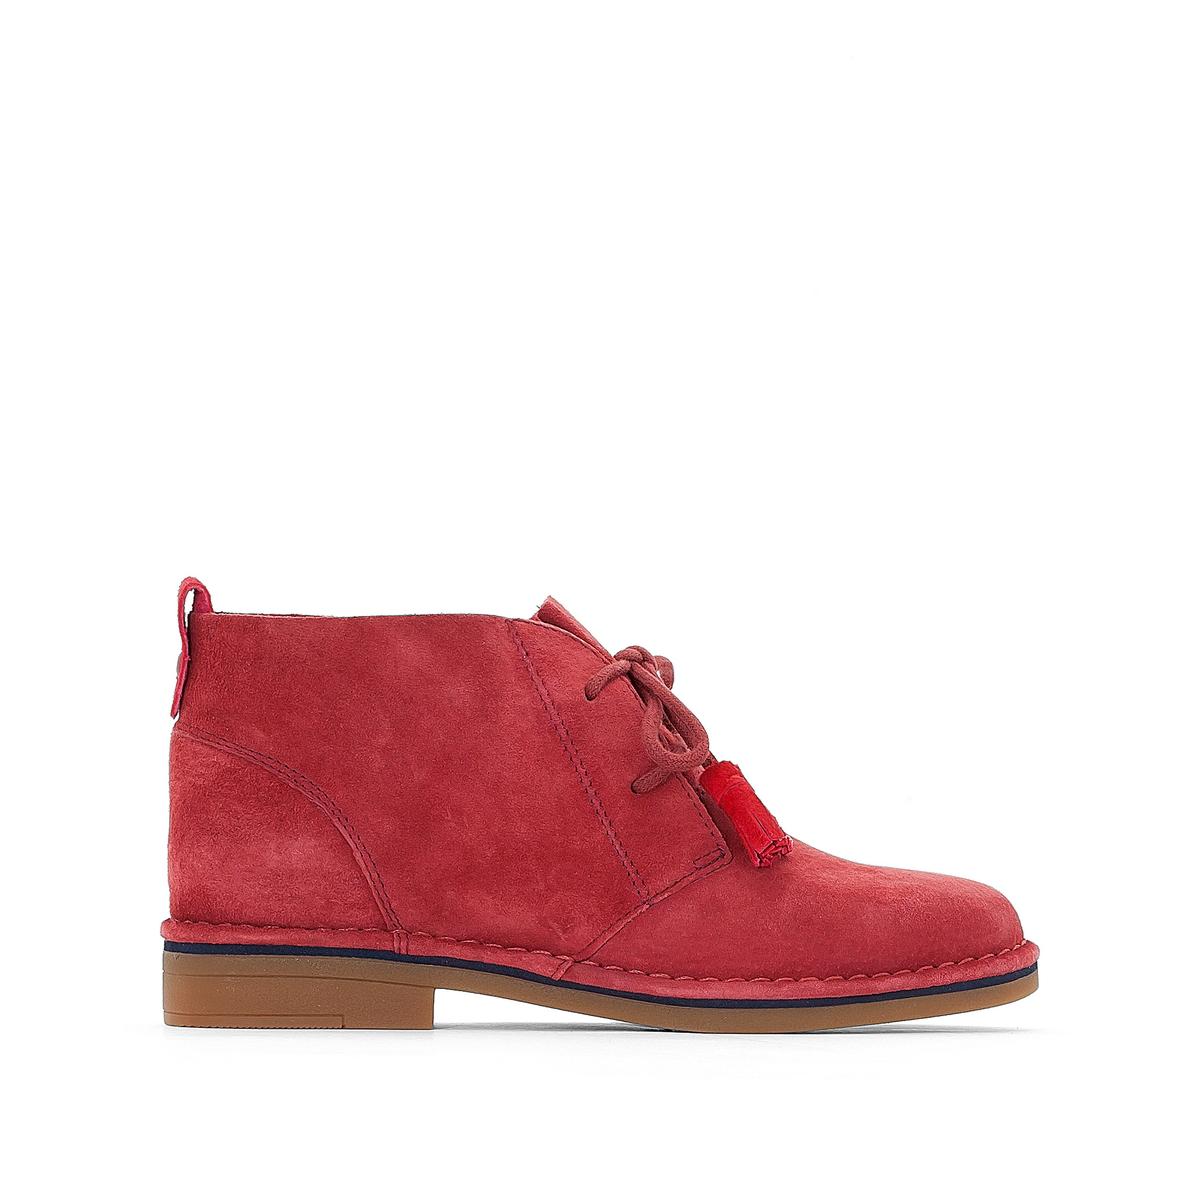 Ботинки из кожи Cyra CatelynВерх/Голенище: кожа.       Стелька: кожа.      Подошва: каучук.Высота каблука: 2 см.      Форма каблука: плоский каблук.Мысок: закругленный.Застежка: шнуровка.<br><br>Цвет: красный<br>Размер: 39